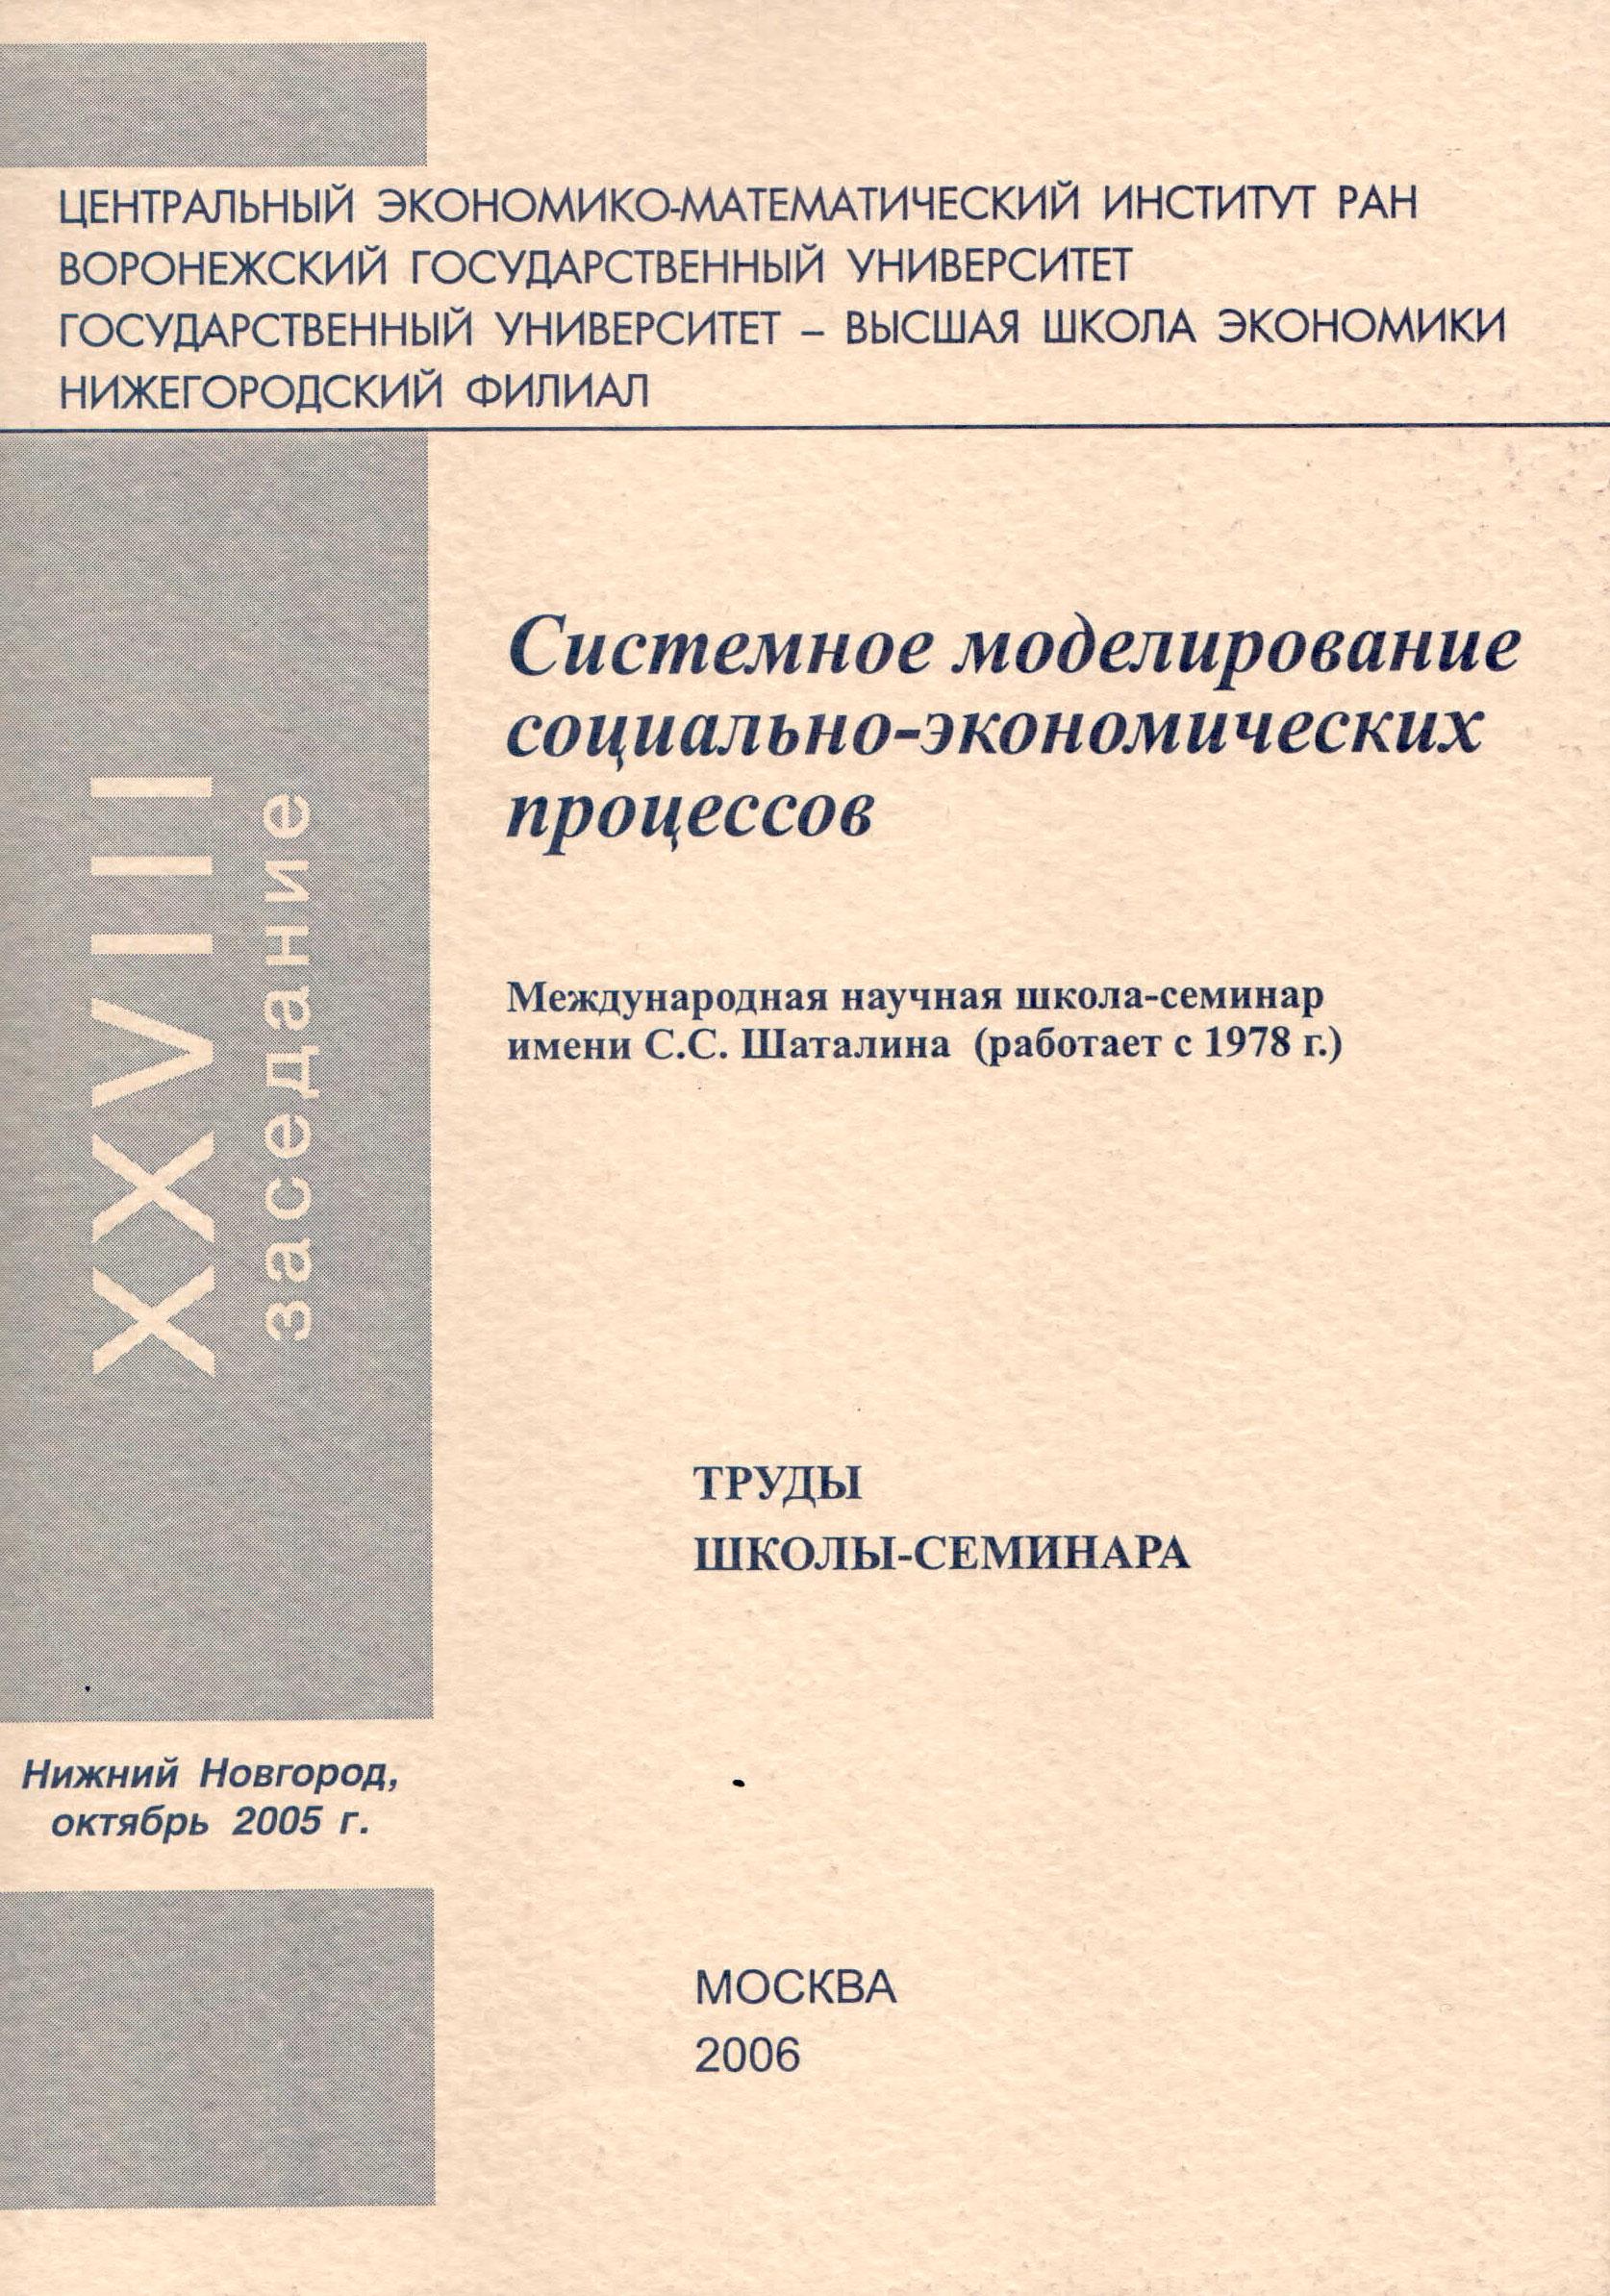 Динамическая модель экономики России. Анализ устойчивости